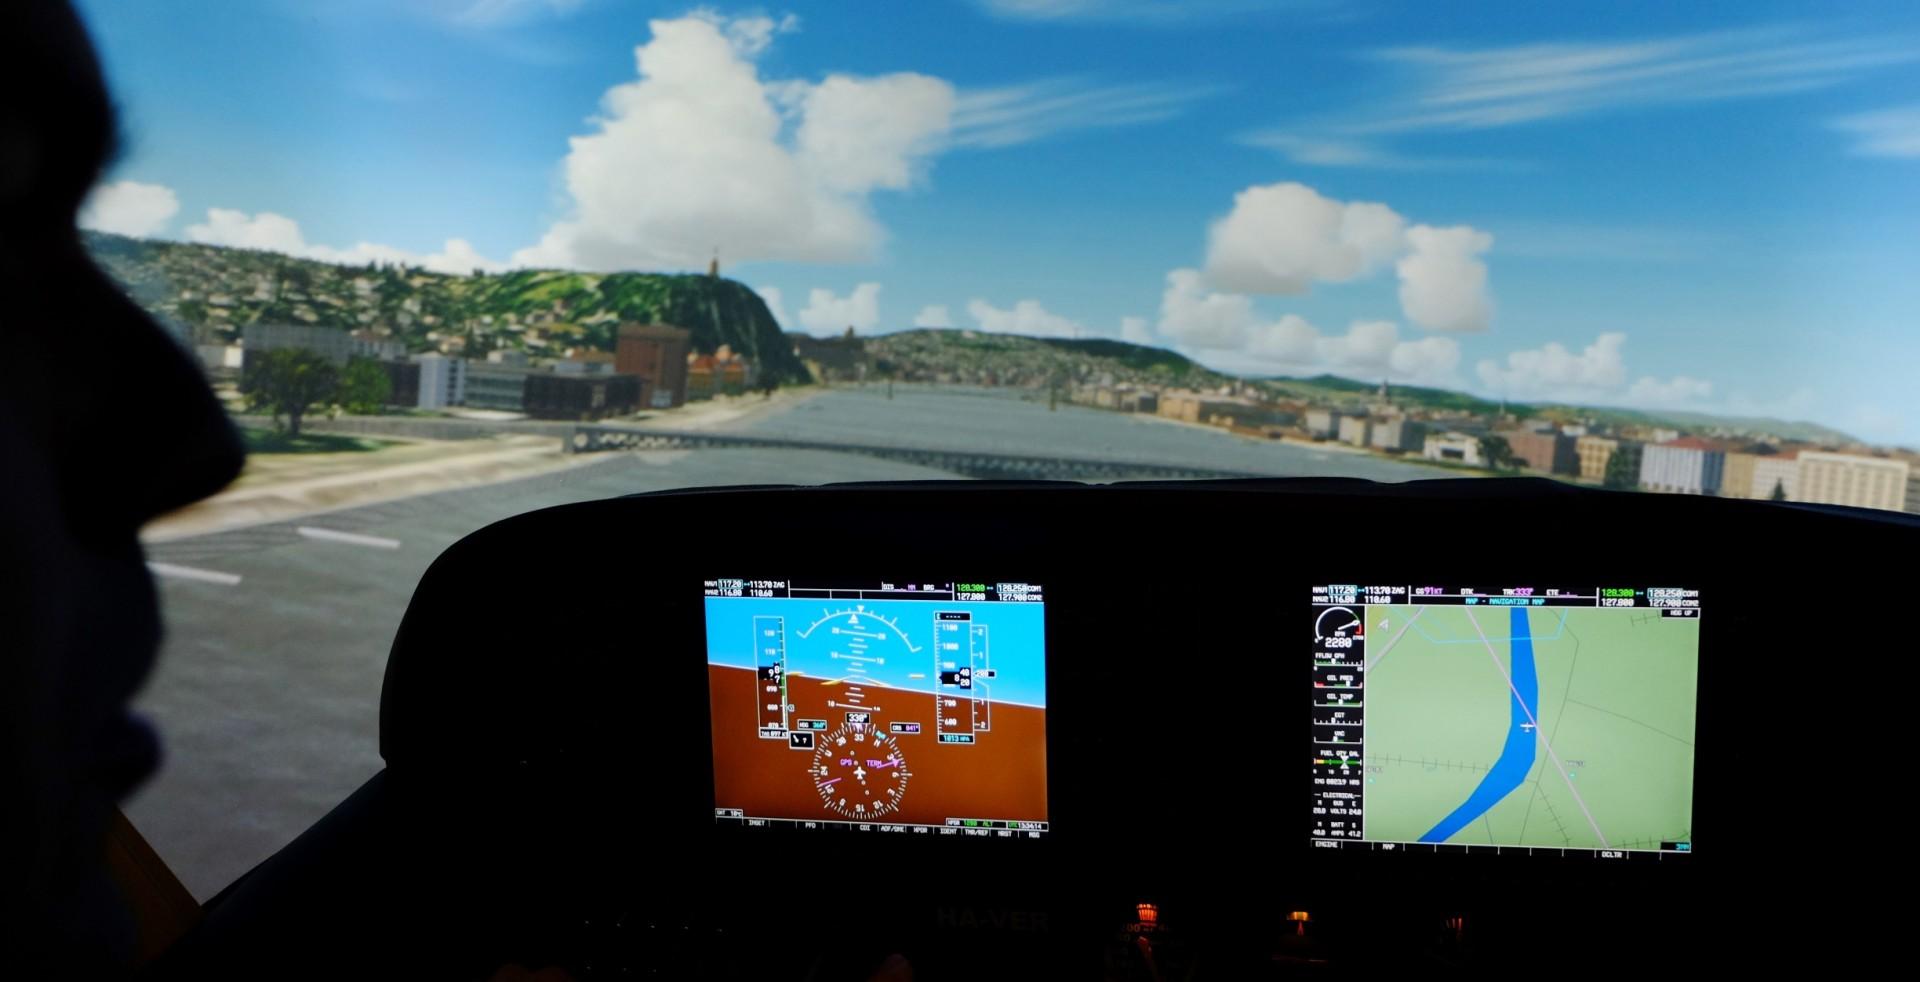 A Cessna 172-vel olyan helyekre is berepülhetünk, ahova igazi repülőgéppel egyáltalán nem, vagy csak hosszas ügyintézéssel lehetne engedélyt kapni. | © AIRportal.hu